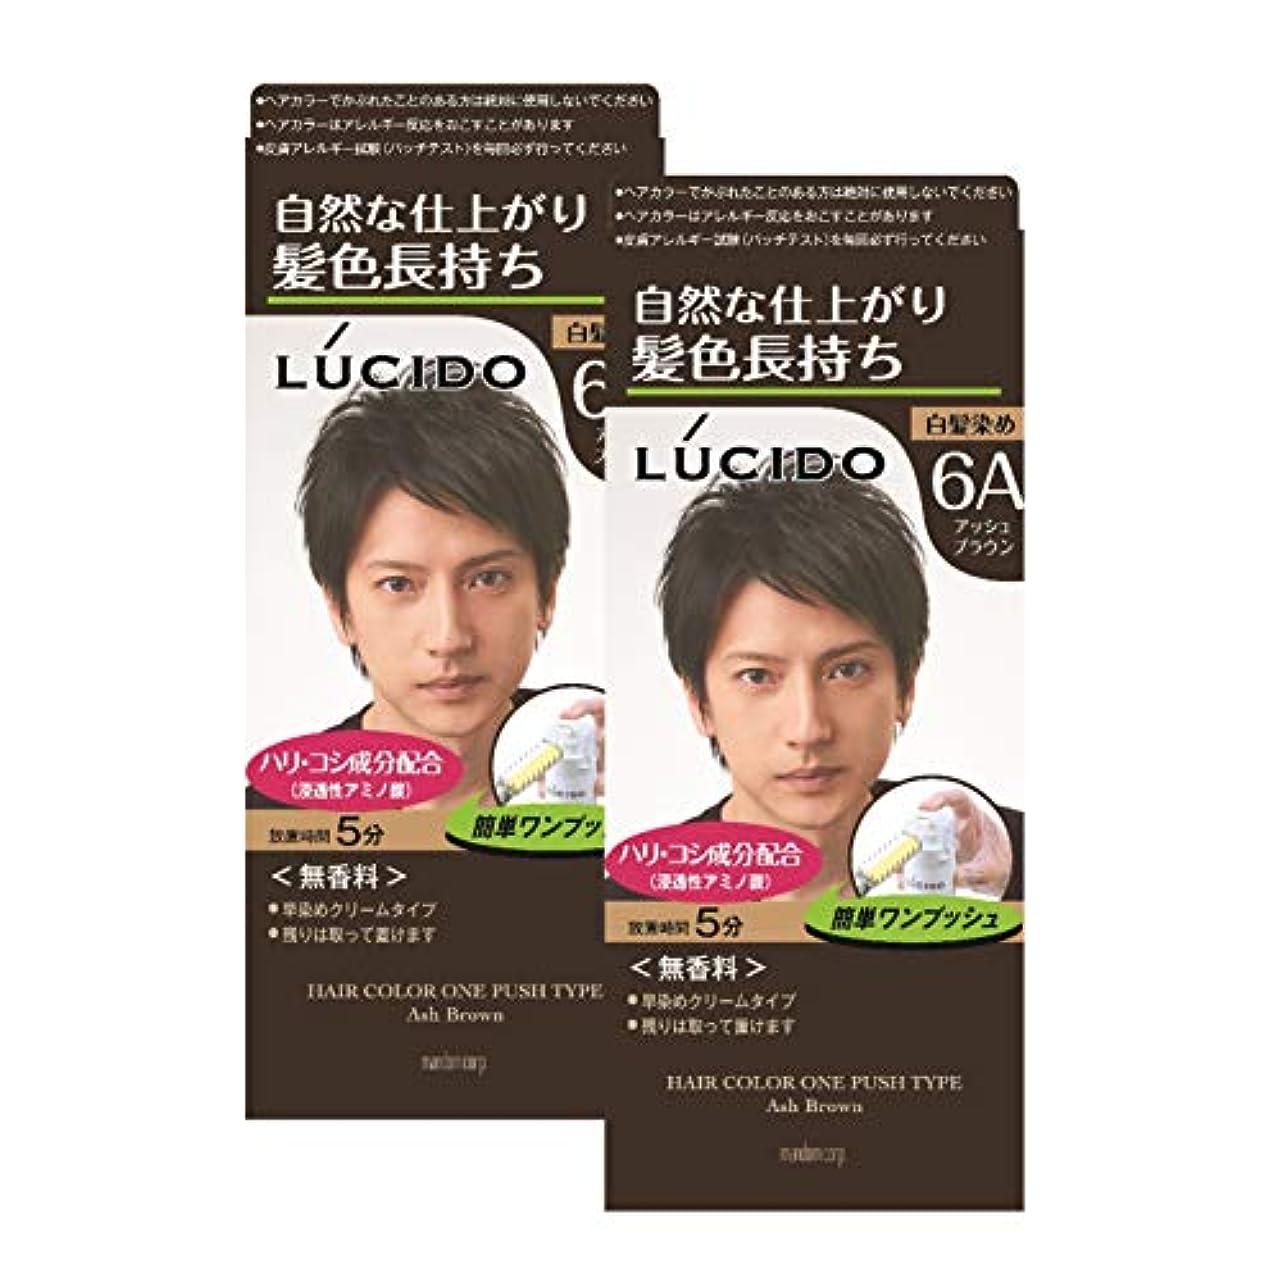 歩行者起業家明るくするLUCIDO(ルシード) ルシード ワンプッシュケアカラー アッシュブラウン (医薬部外品) 白髪染め 2個パック